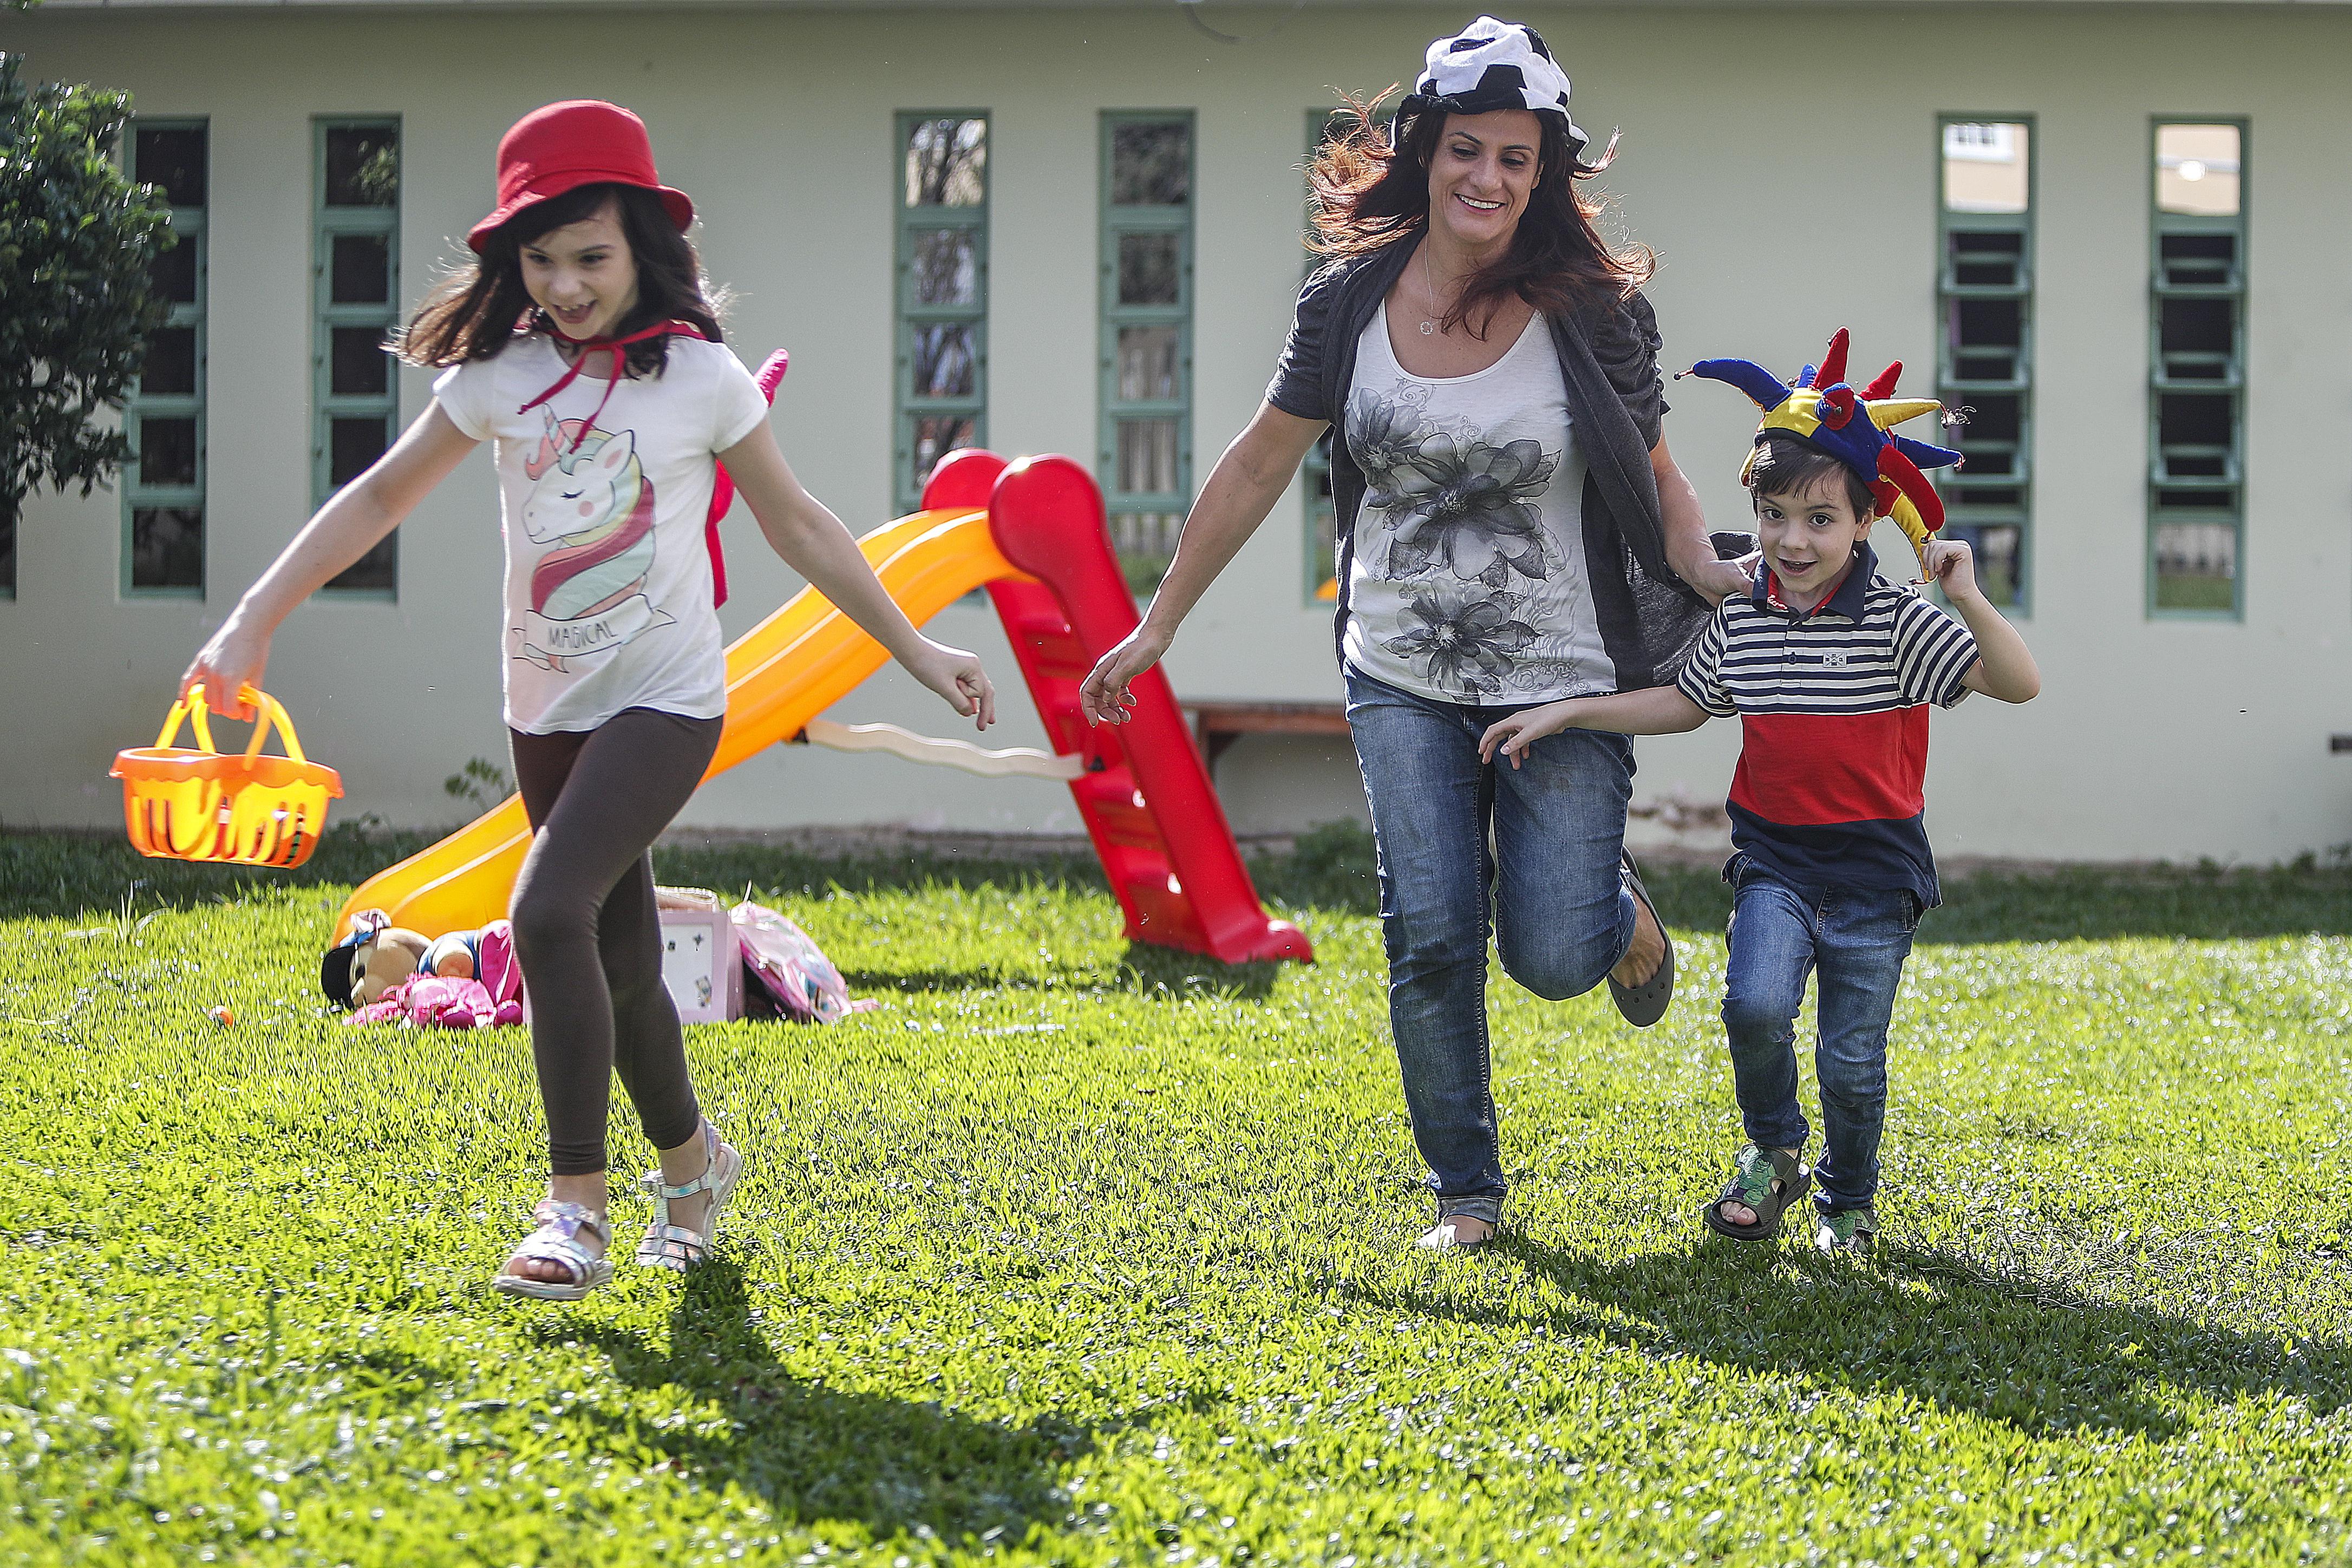 Kely desenvolveu com a maternidade a empatia, a gratidão e aprendeu a não fazer comparações. Foto: Jonathan Campos/Gazeta do Povo.